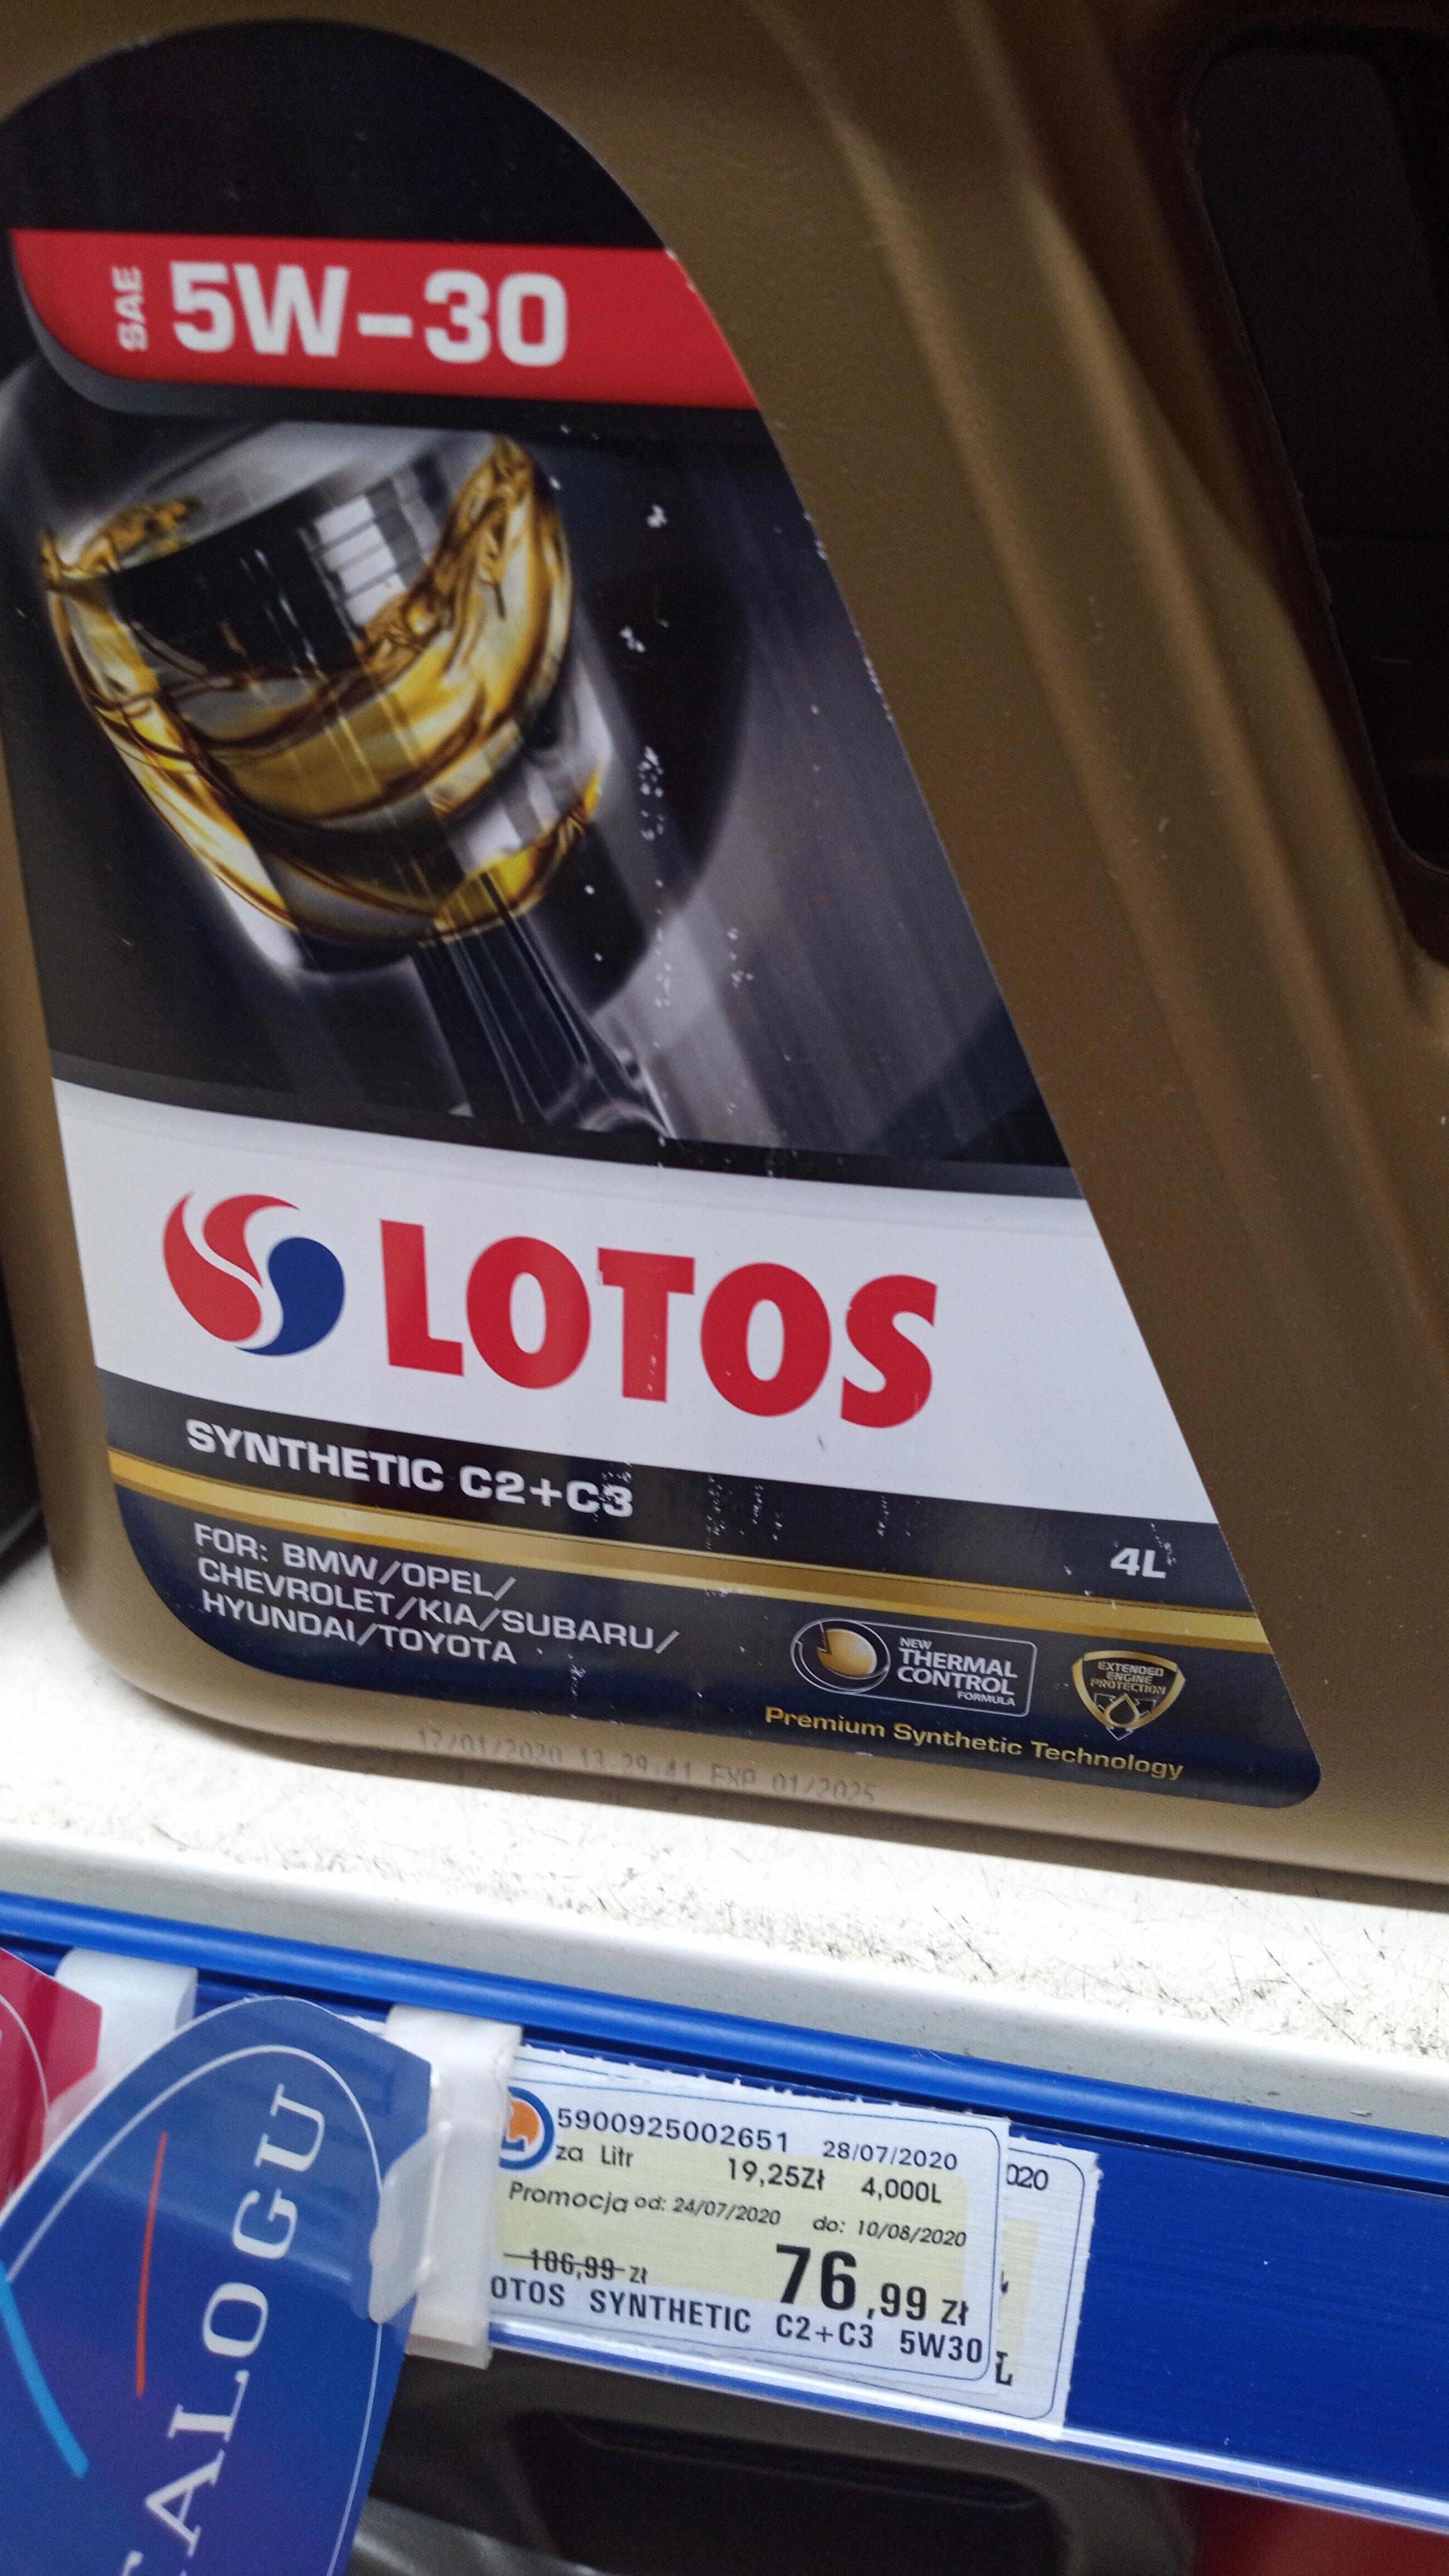 Olej syntetyk LOTOS 5W-30 normy C2 + C3 BMW, MB, VW i DEXOS2. Leclerc Wawa - KEN